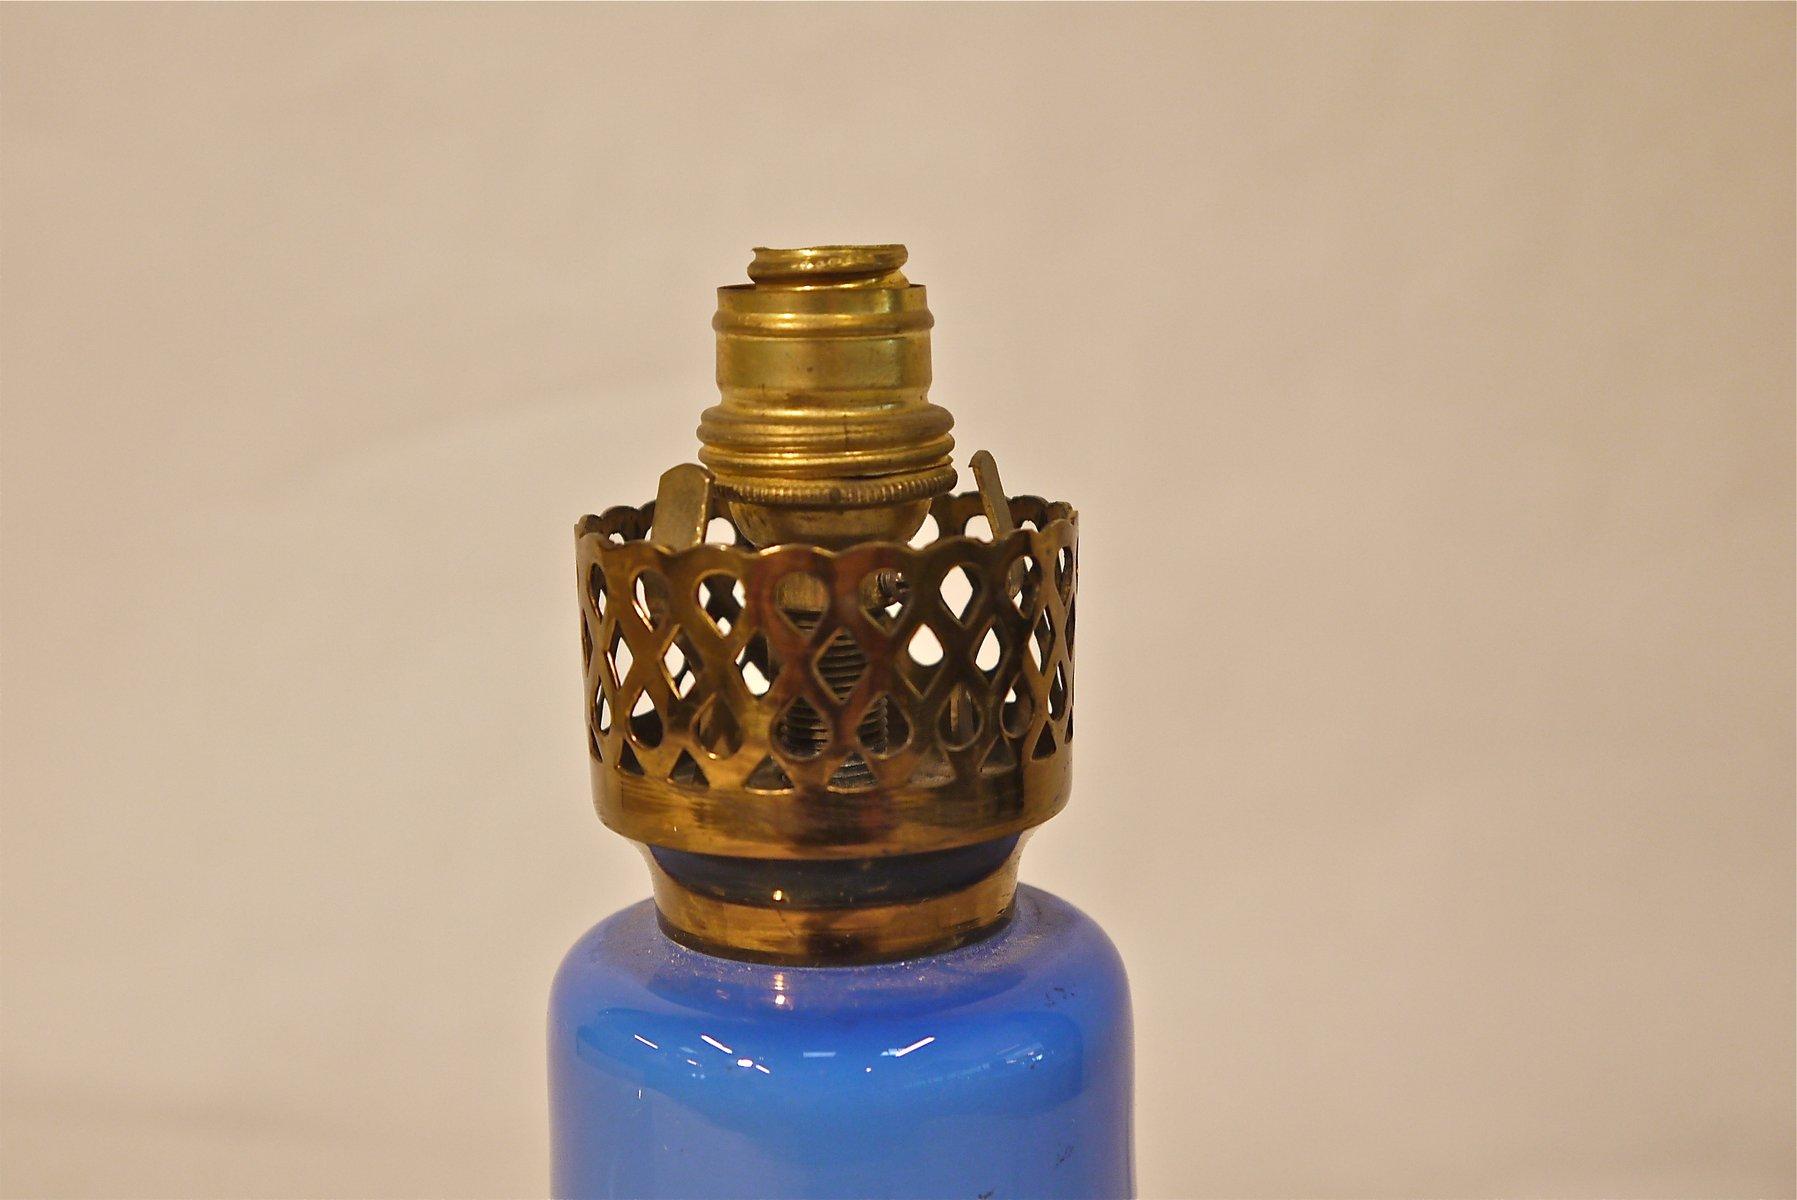 vintage tischlampe aus murano glas von venini bei pamono kaufen. Black Bedroom Furniture Sets. Home Design Ideas